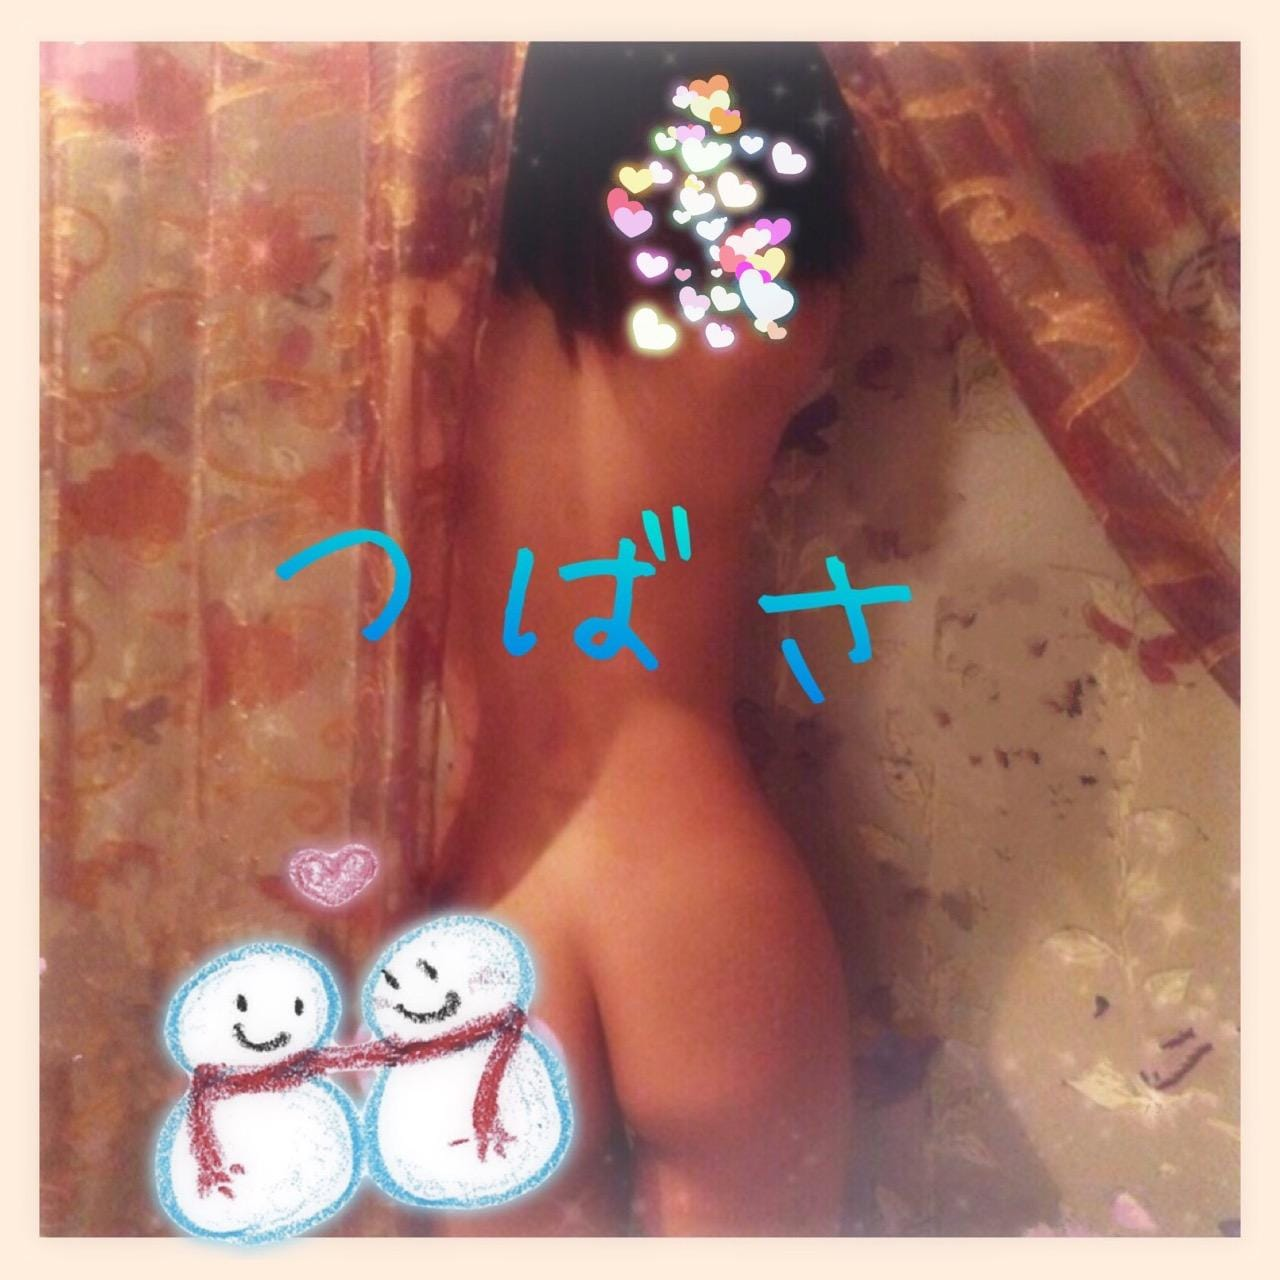 「ありがとうございます♪」12/21(土) 02:32 | つばさの写メ・風俗動画